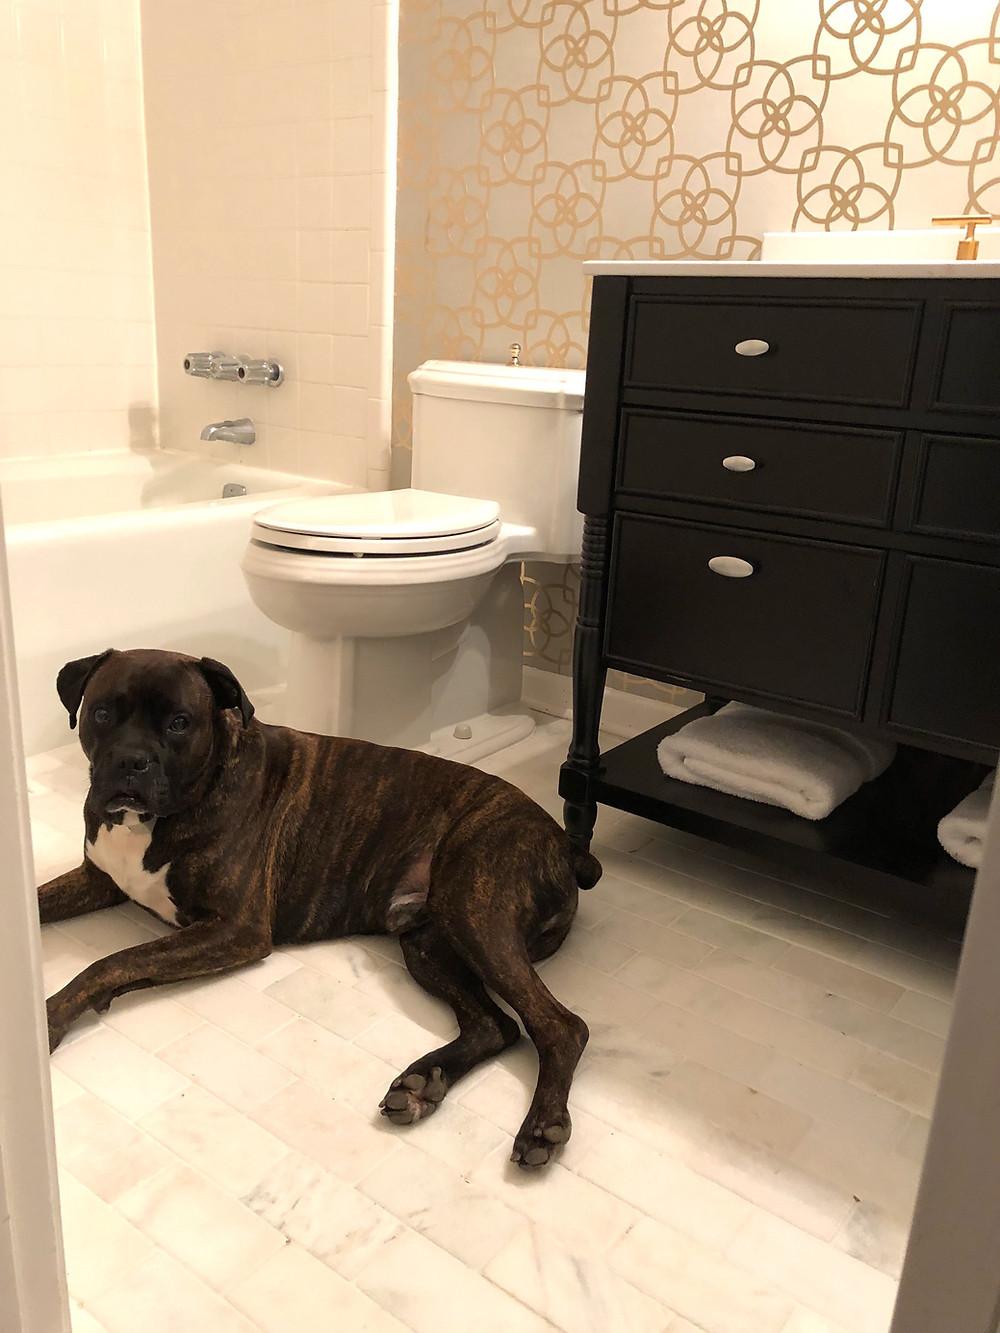 Boxer dog new bathroom makeover Miseno vanity kohler faucet